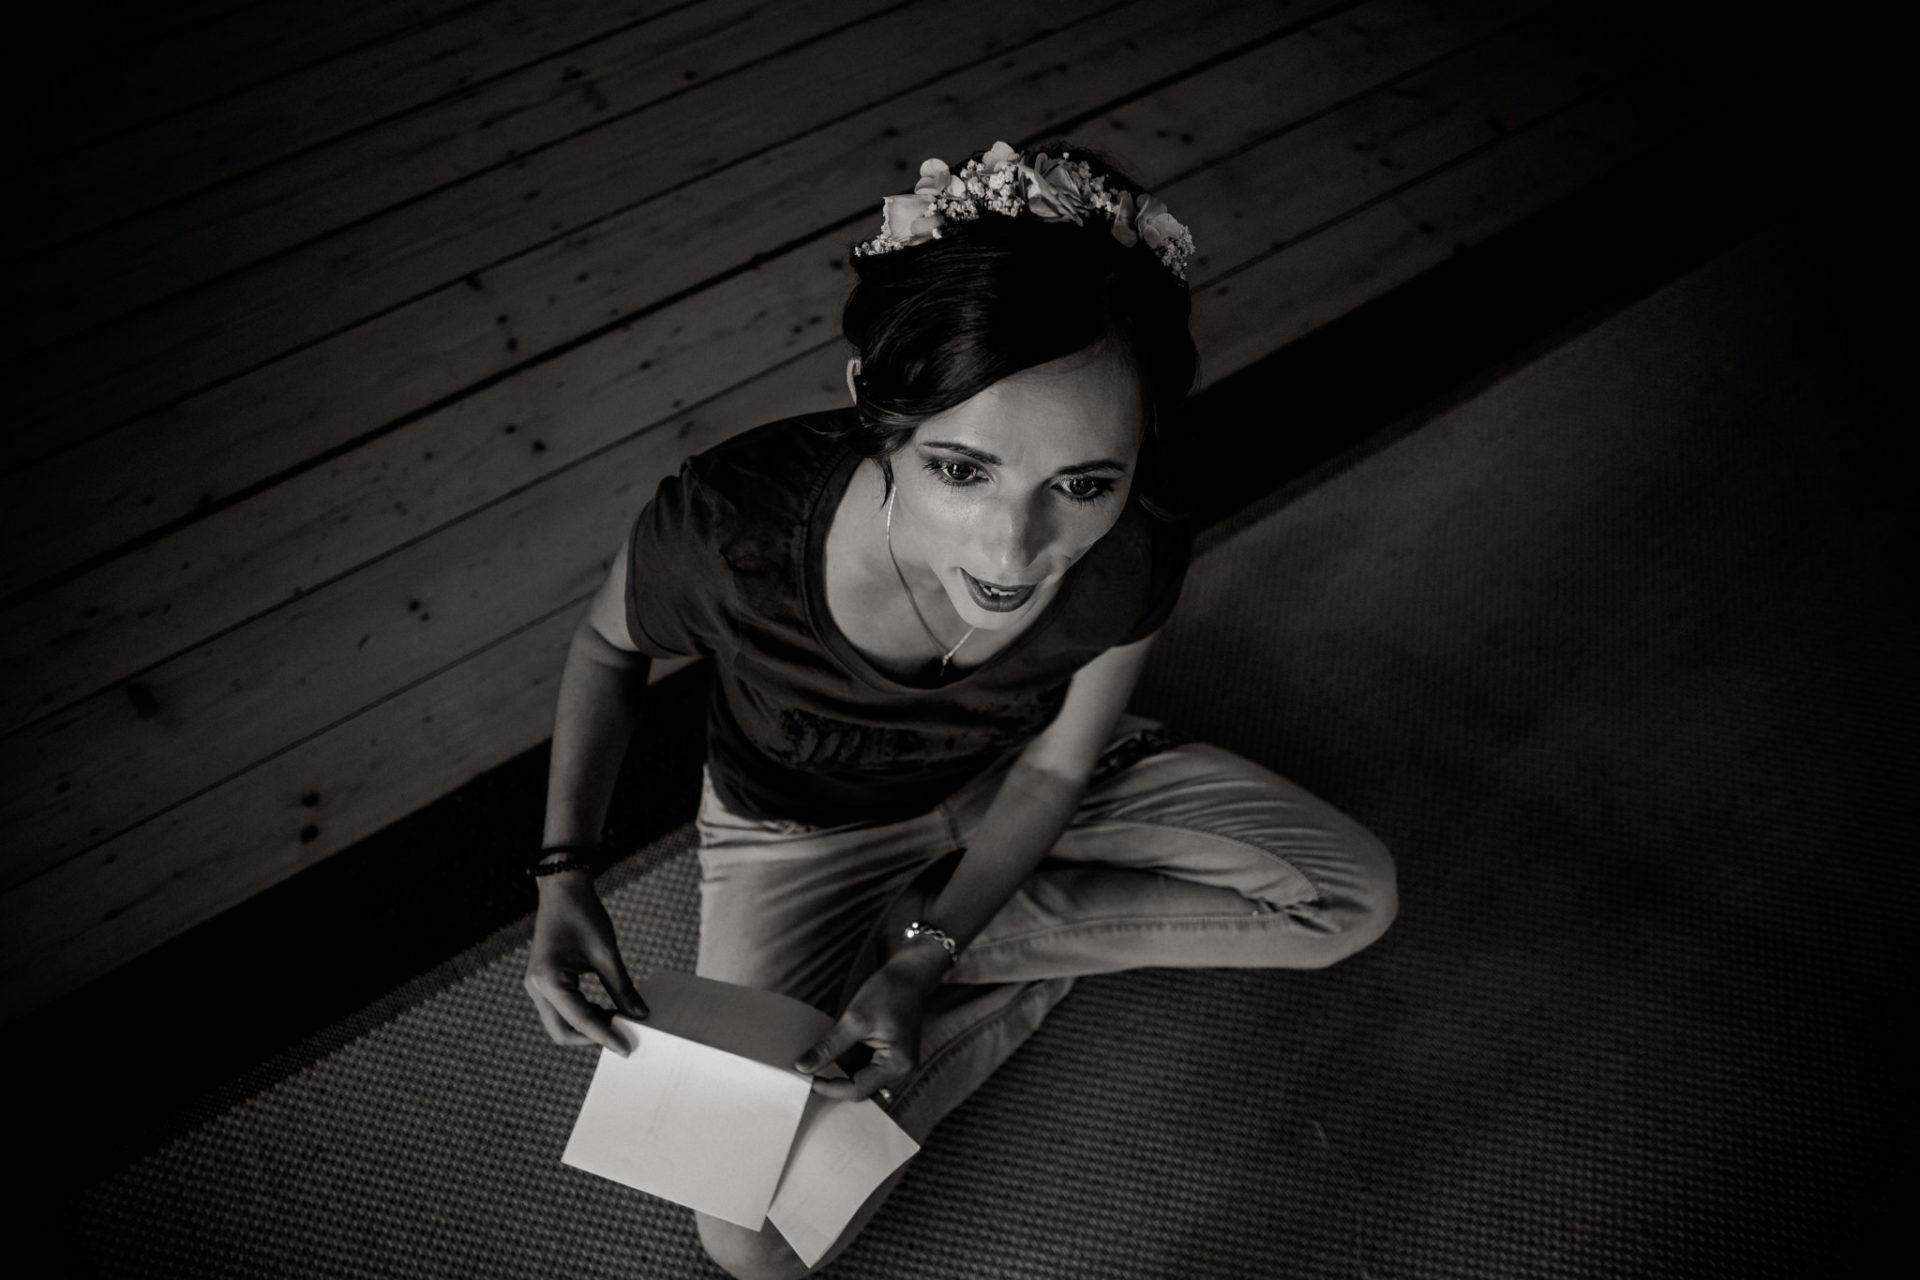 hochzeitsfotograf schloss heinsheim-elegant heiraten-bridal party-brautjungfer Haarschmuck-schwarzweiß Portrait